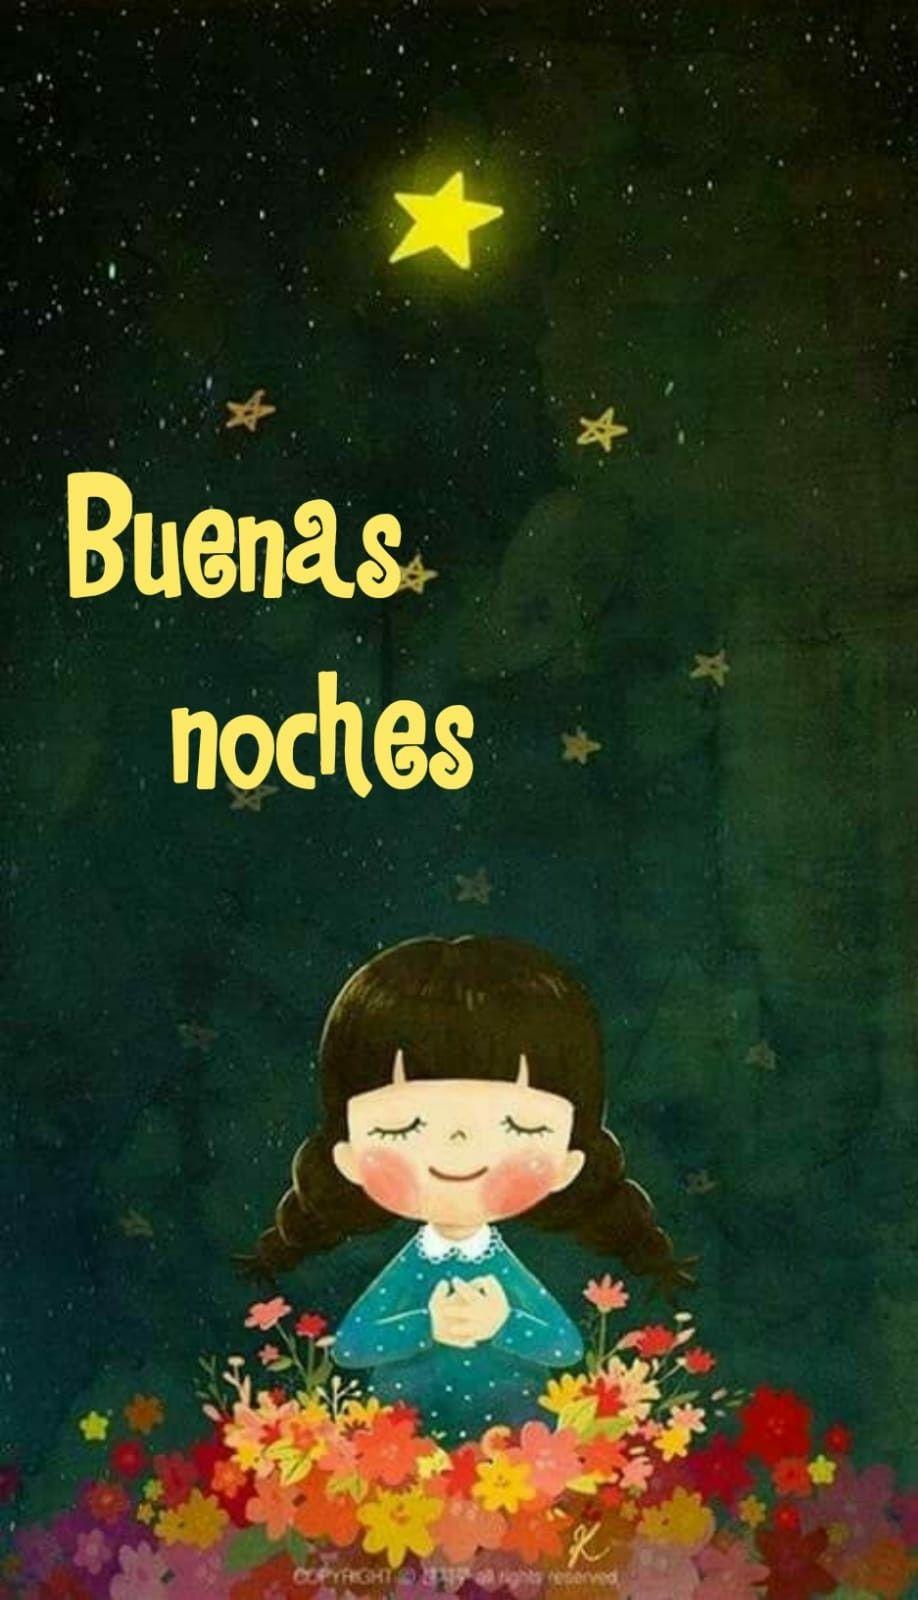 Buenas Noches Saludos De Buenas Noches Mensajes De Buenas Noches Gif Buenas Noches Amor